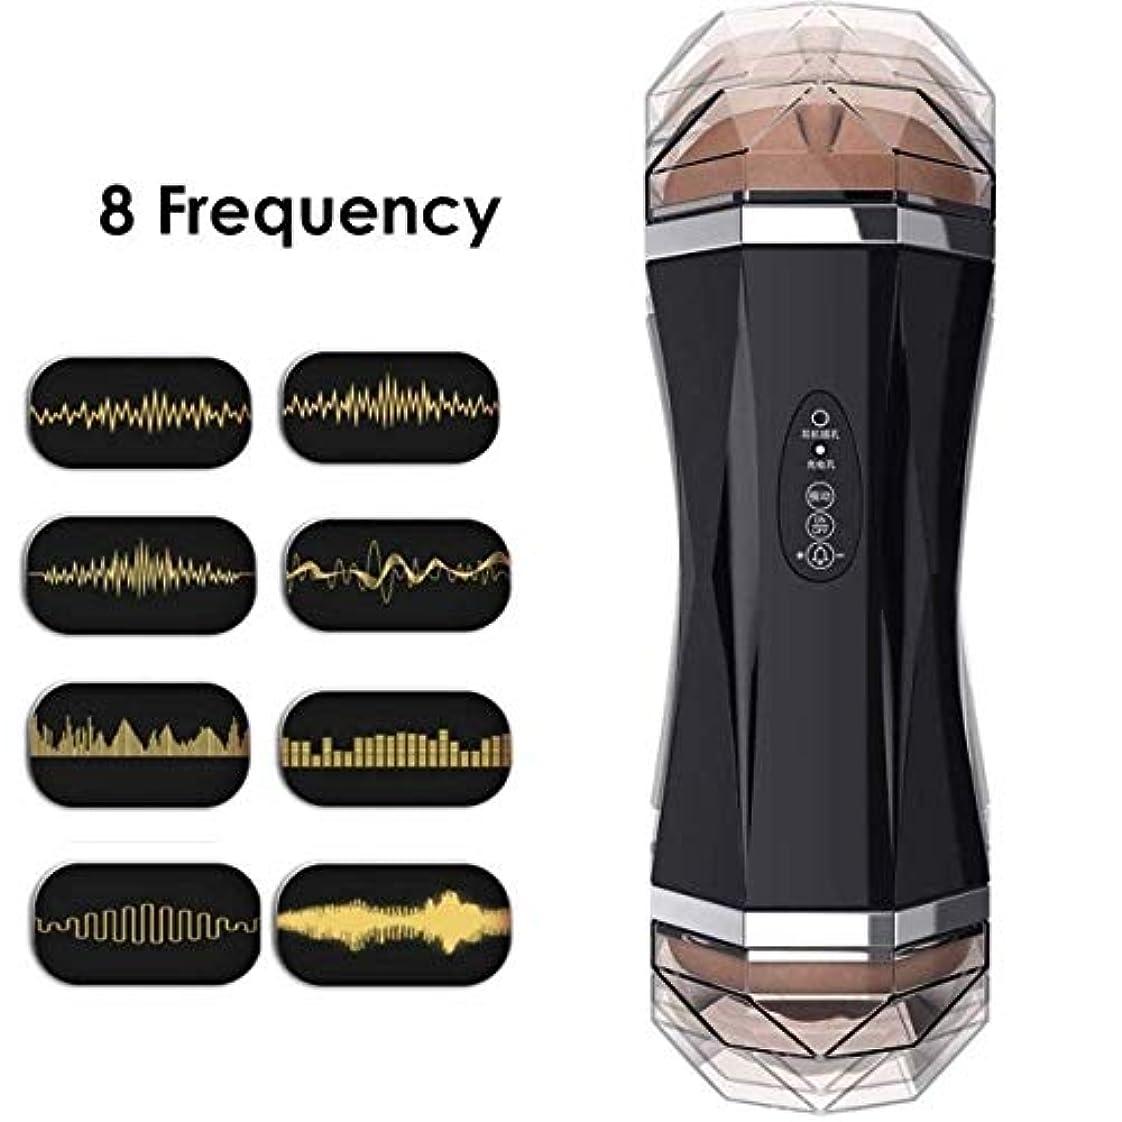 シーフードプログラムくしゃくしゃRisareyi 電動 オナホール 男性のTシャツVǐbrǎtiǒnディープスロートオーラルカップ、8周波数、インタラクティブヘッドフォンモード、USB充電、6つのおもちゃのブロージョブボイス、マッサージツール 大人のおもちゃ